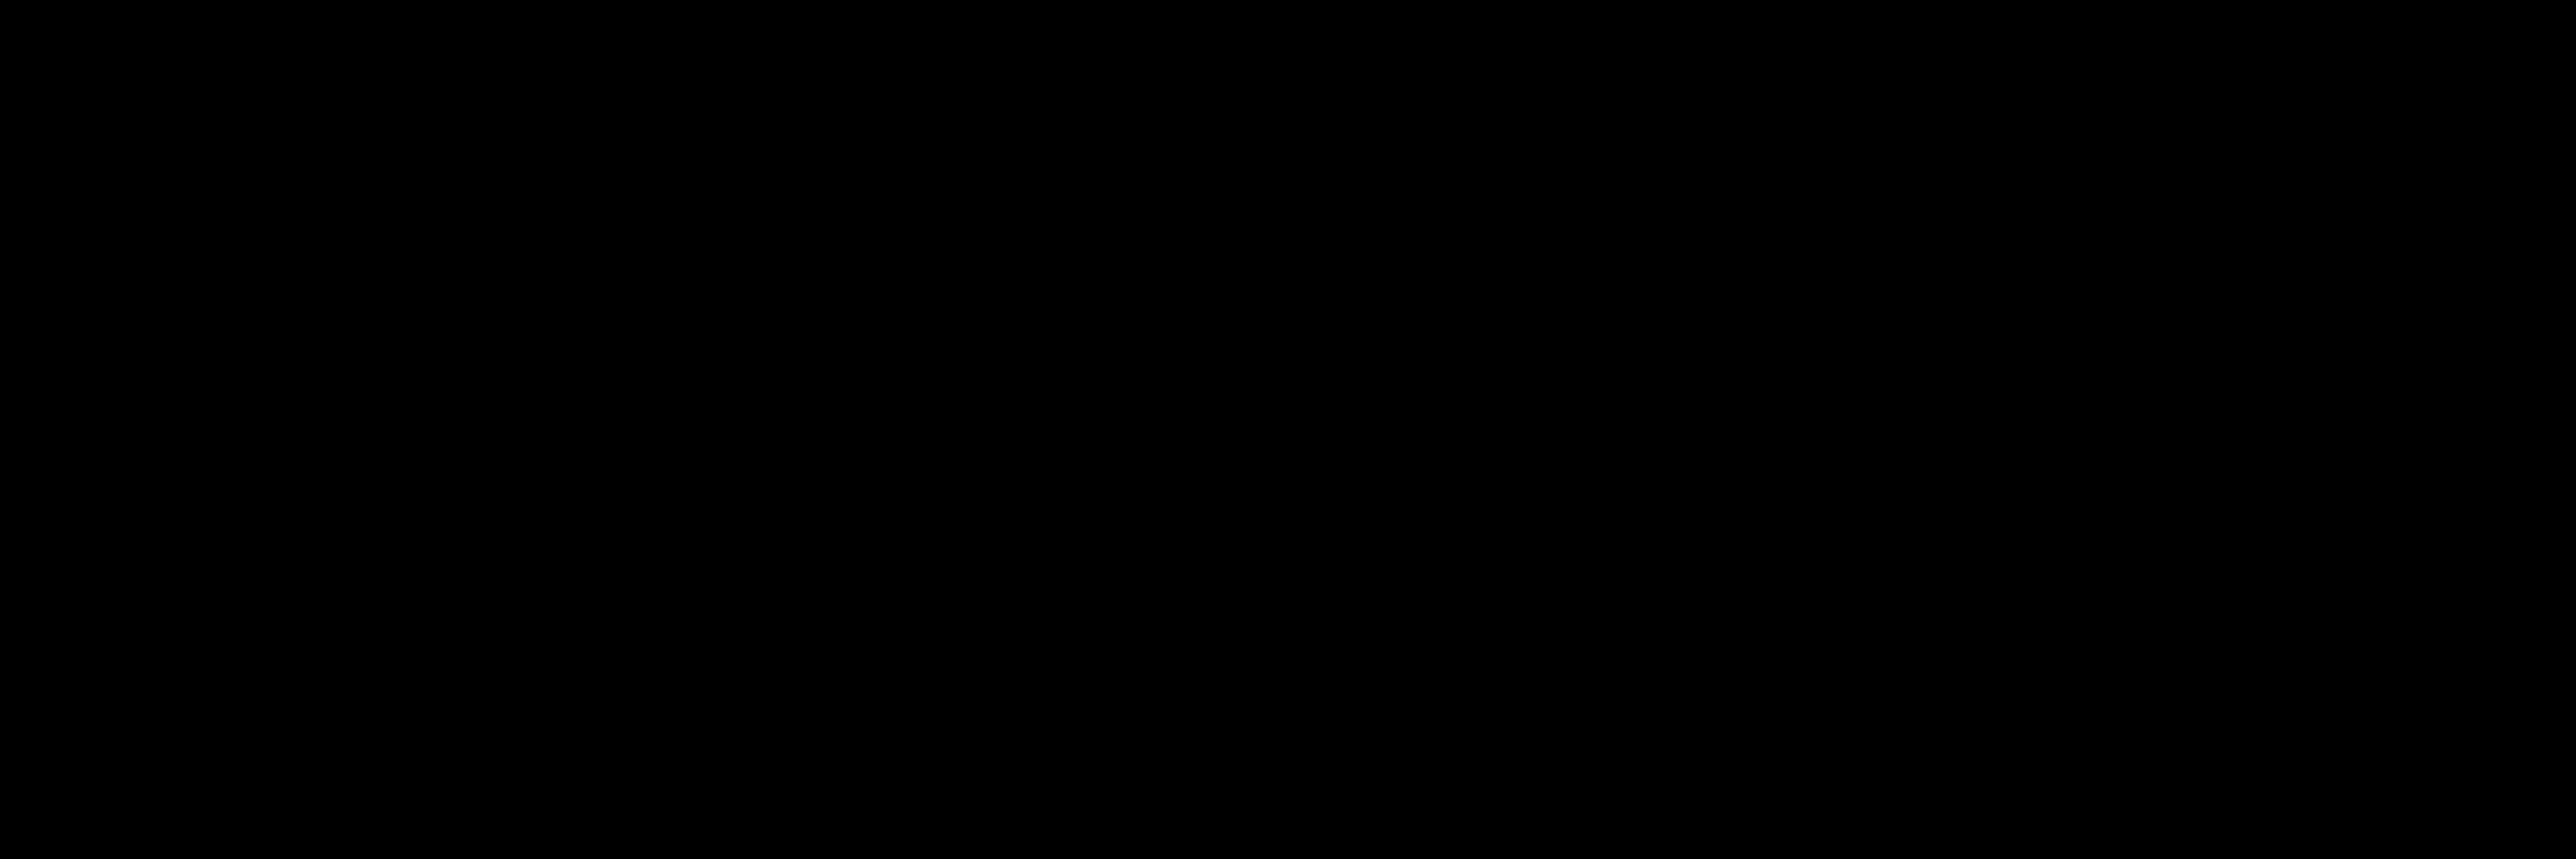 Association des anciens élèves du lycée André Maurois de Deauville